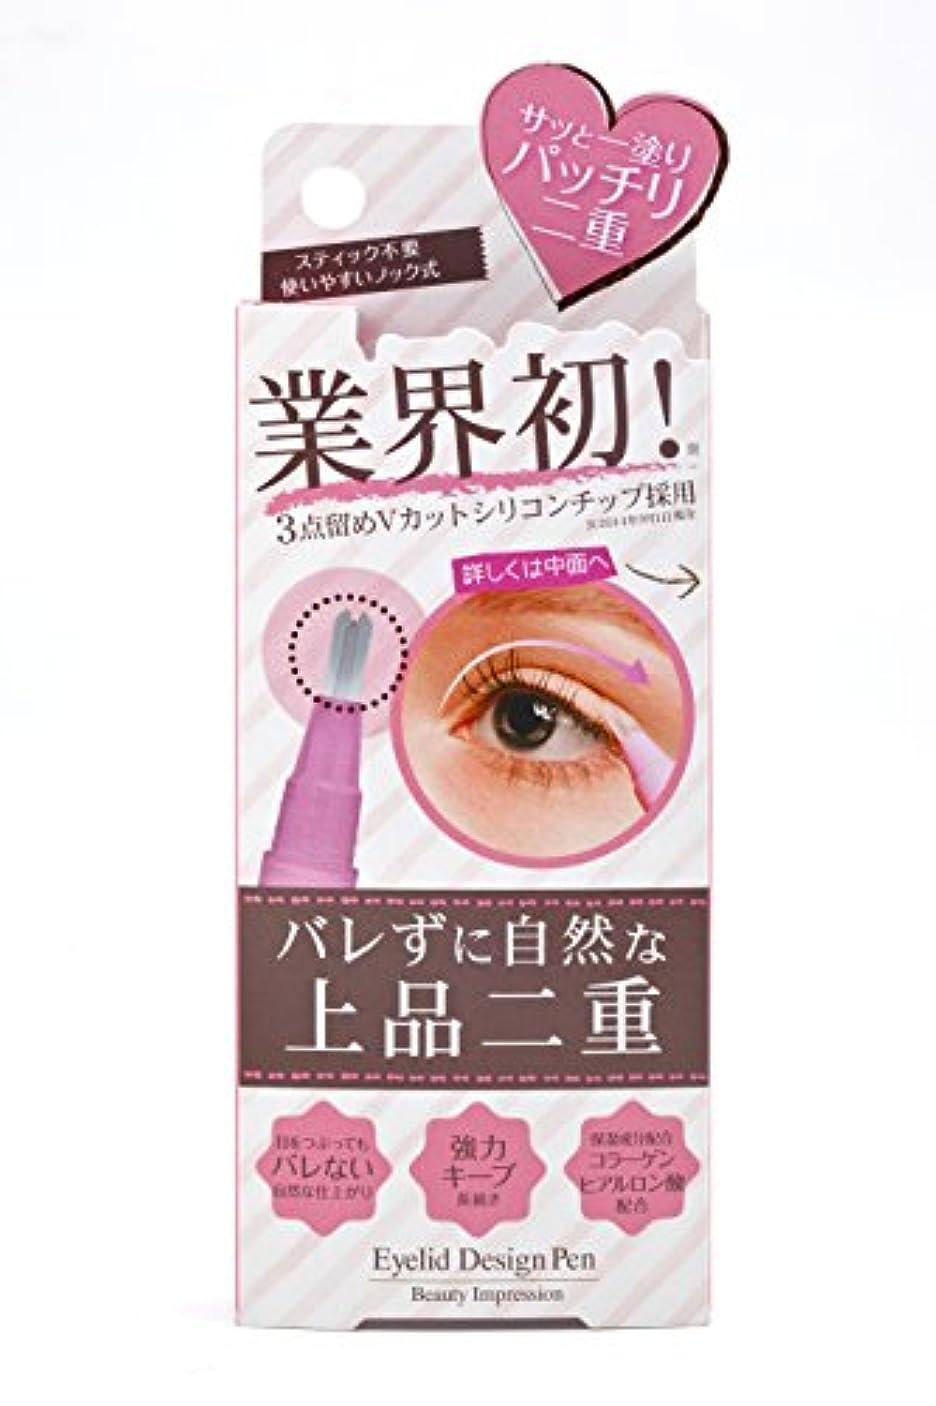 ニンニク第三野なビューティーインプレッション(Beauty Impression) アイリッドデザインペン 2ml (二重まぶた形成化粧品)